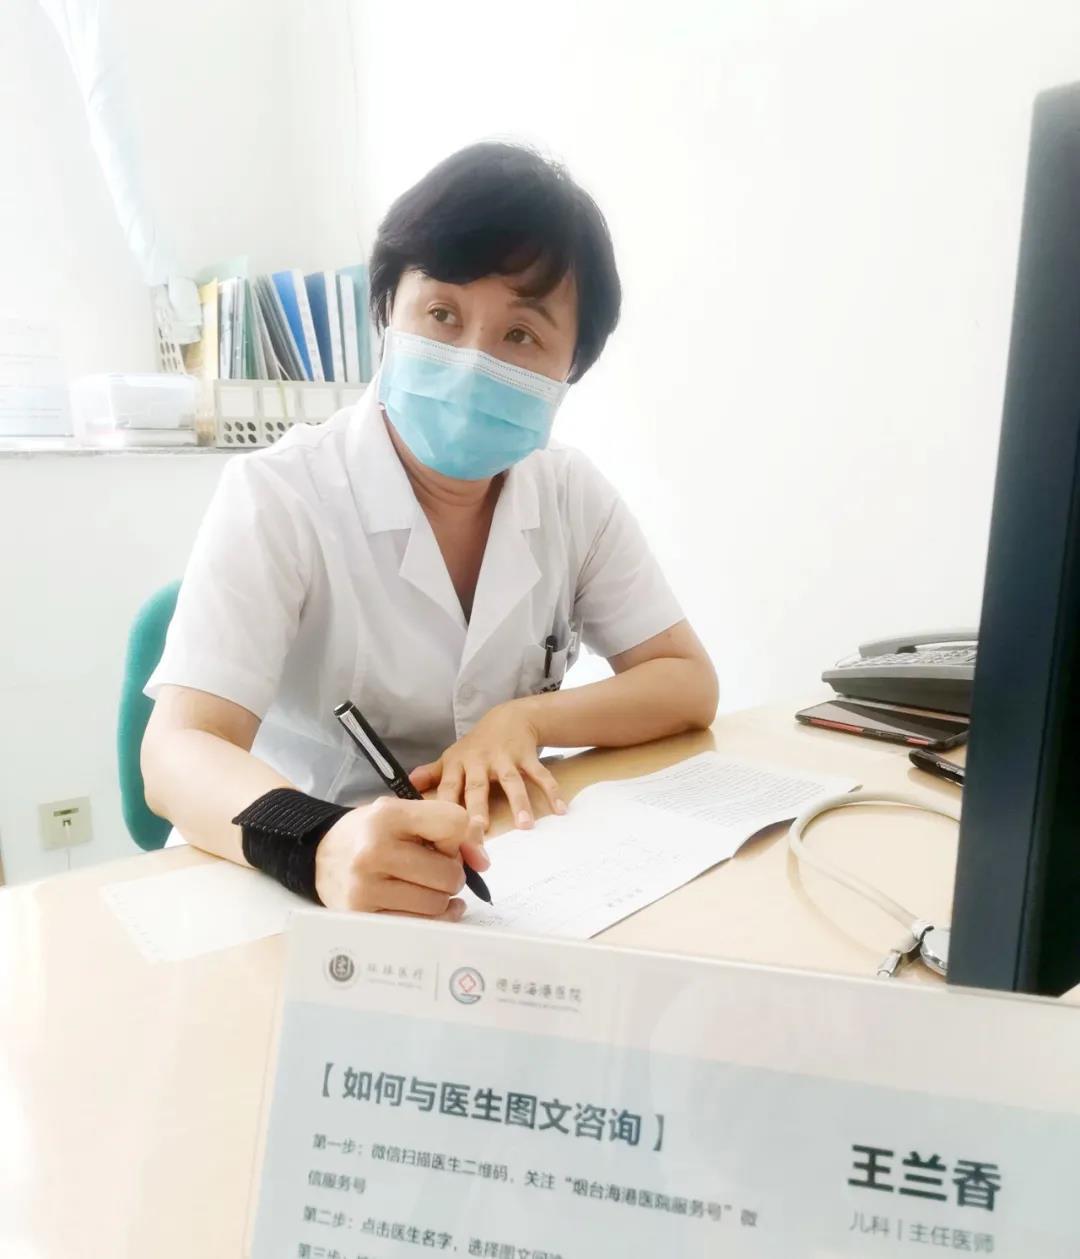 我是医者丨儿科医护人员的仁爱关怀,治疗疾病更慰藉心灵!